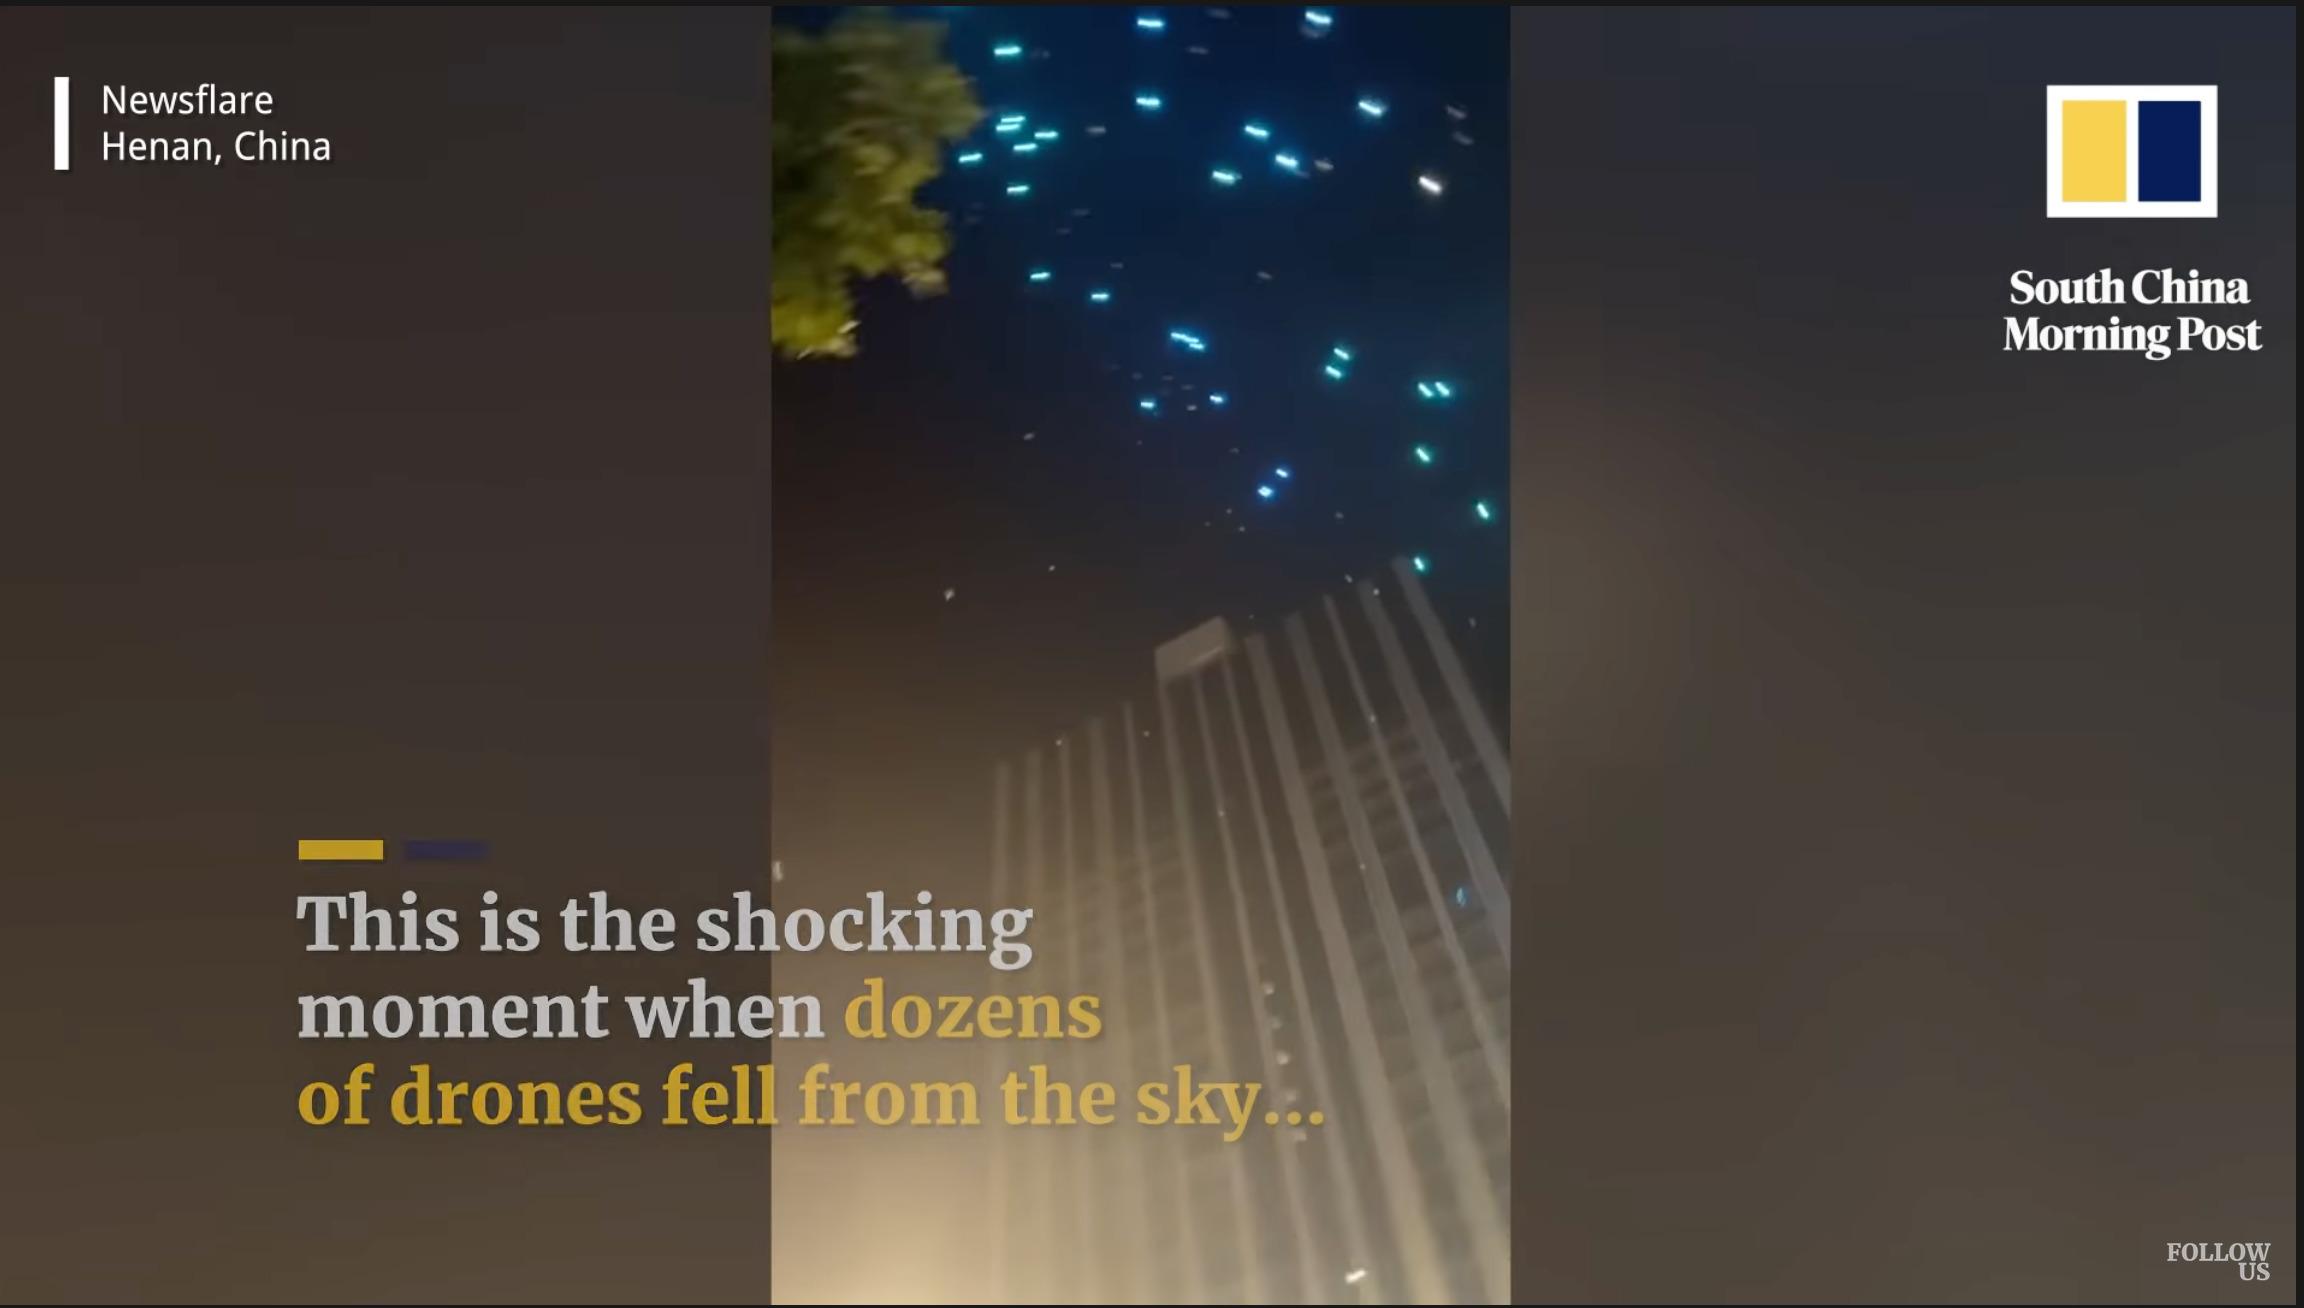 中国で数百台のドローンが空から落下するという事態に現場は騒然